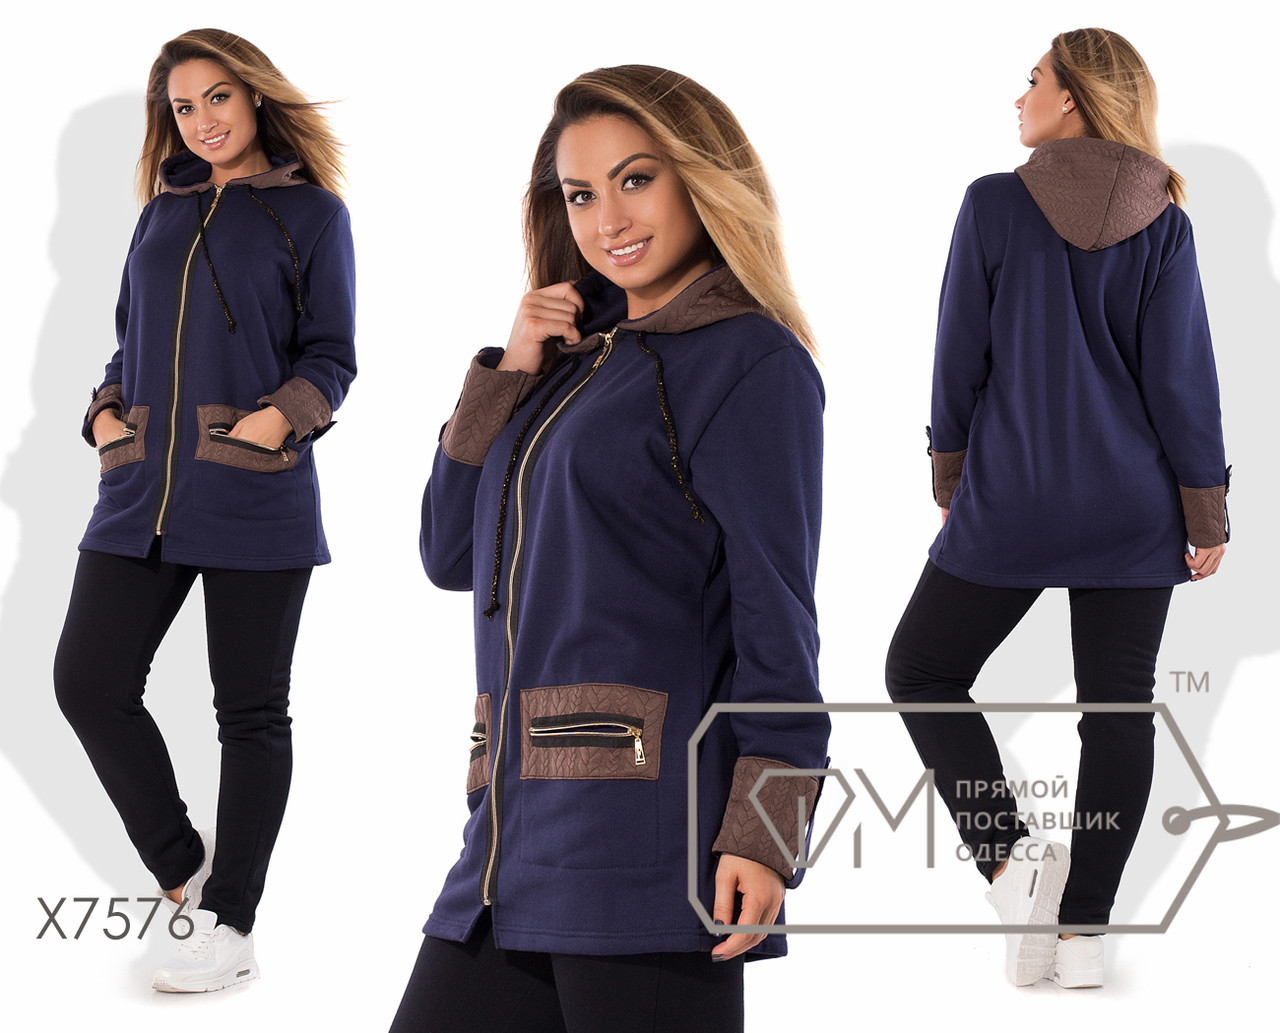 """Спорткостюм из трёхнитки - удлинённая прямая куртка на молнии с капюшоном, манжетами и карманами из трикотажа стёжки плюс прямые штаны X7576 - Интернет-магазин """"Мода-Позитив"""" в Одессе"""